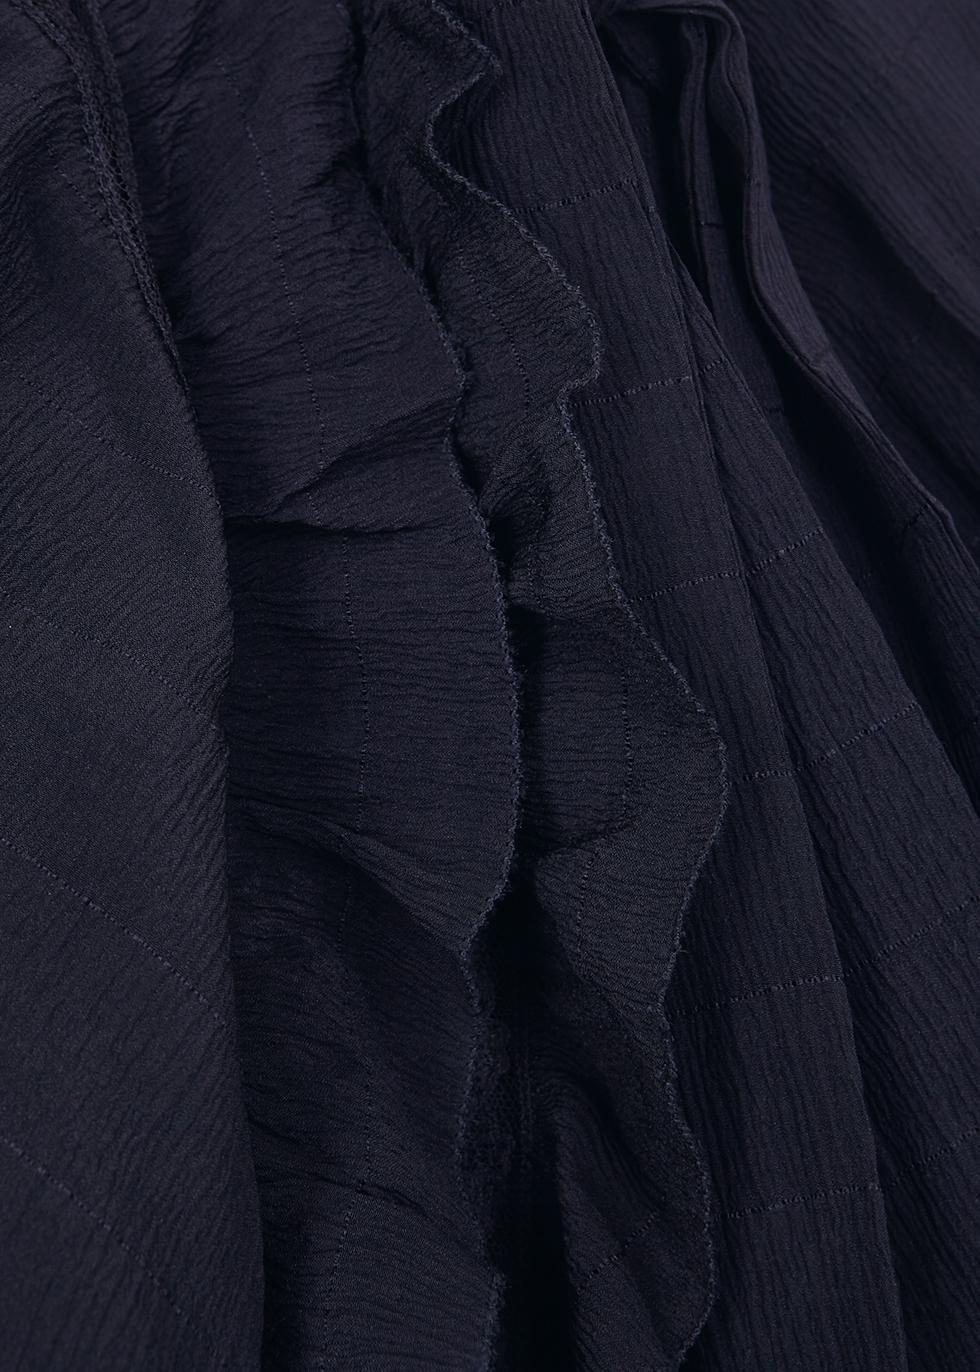 Moncur silk georgette wrap dress - Zimmermann